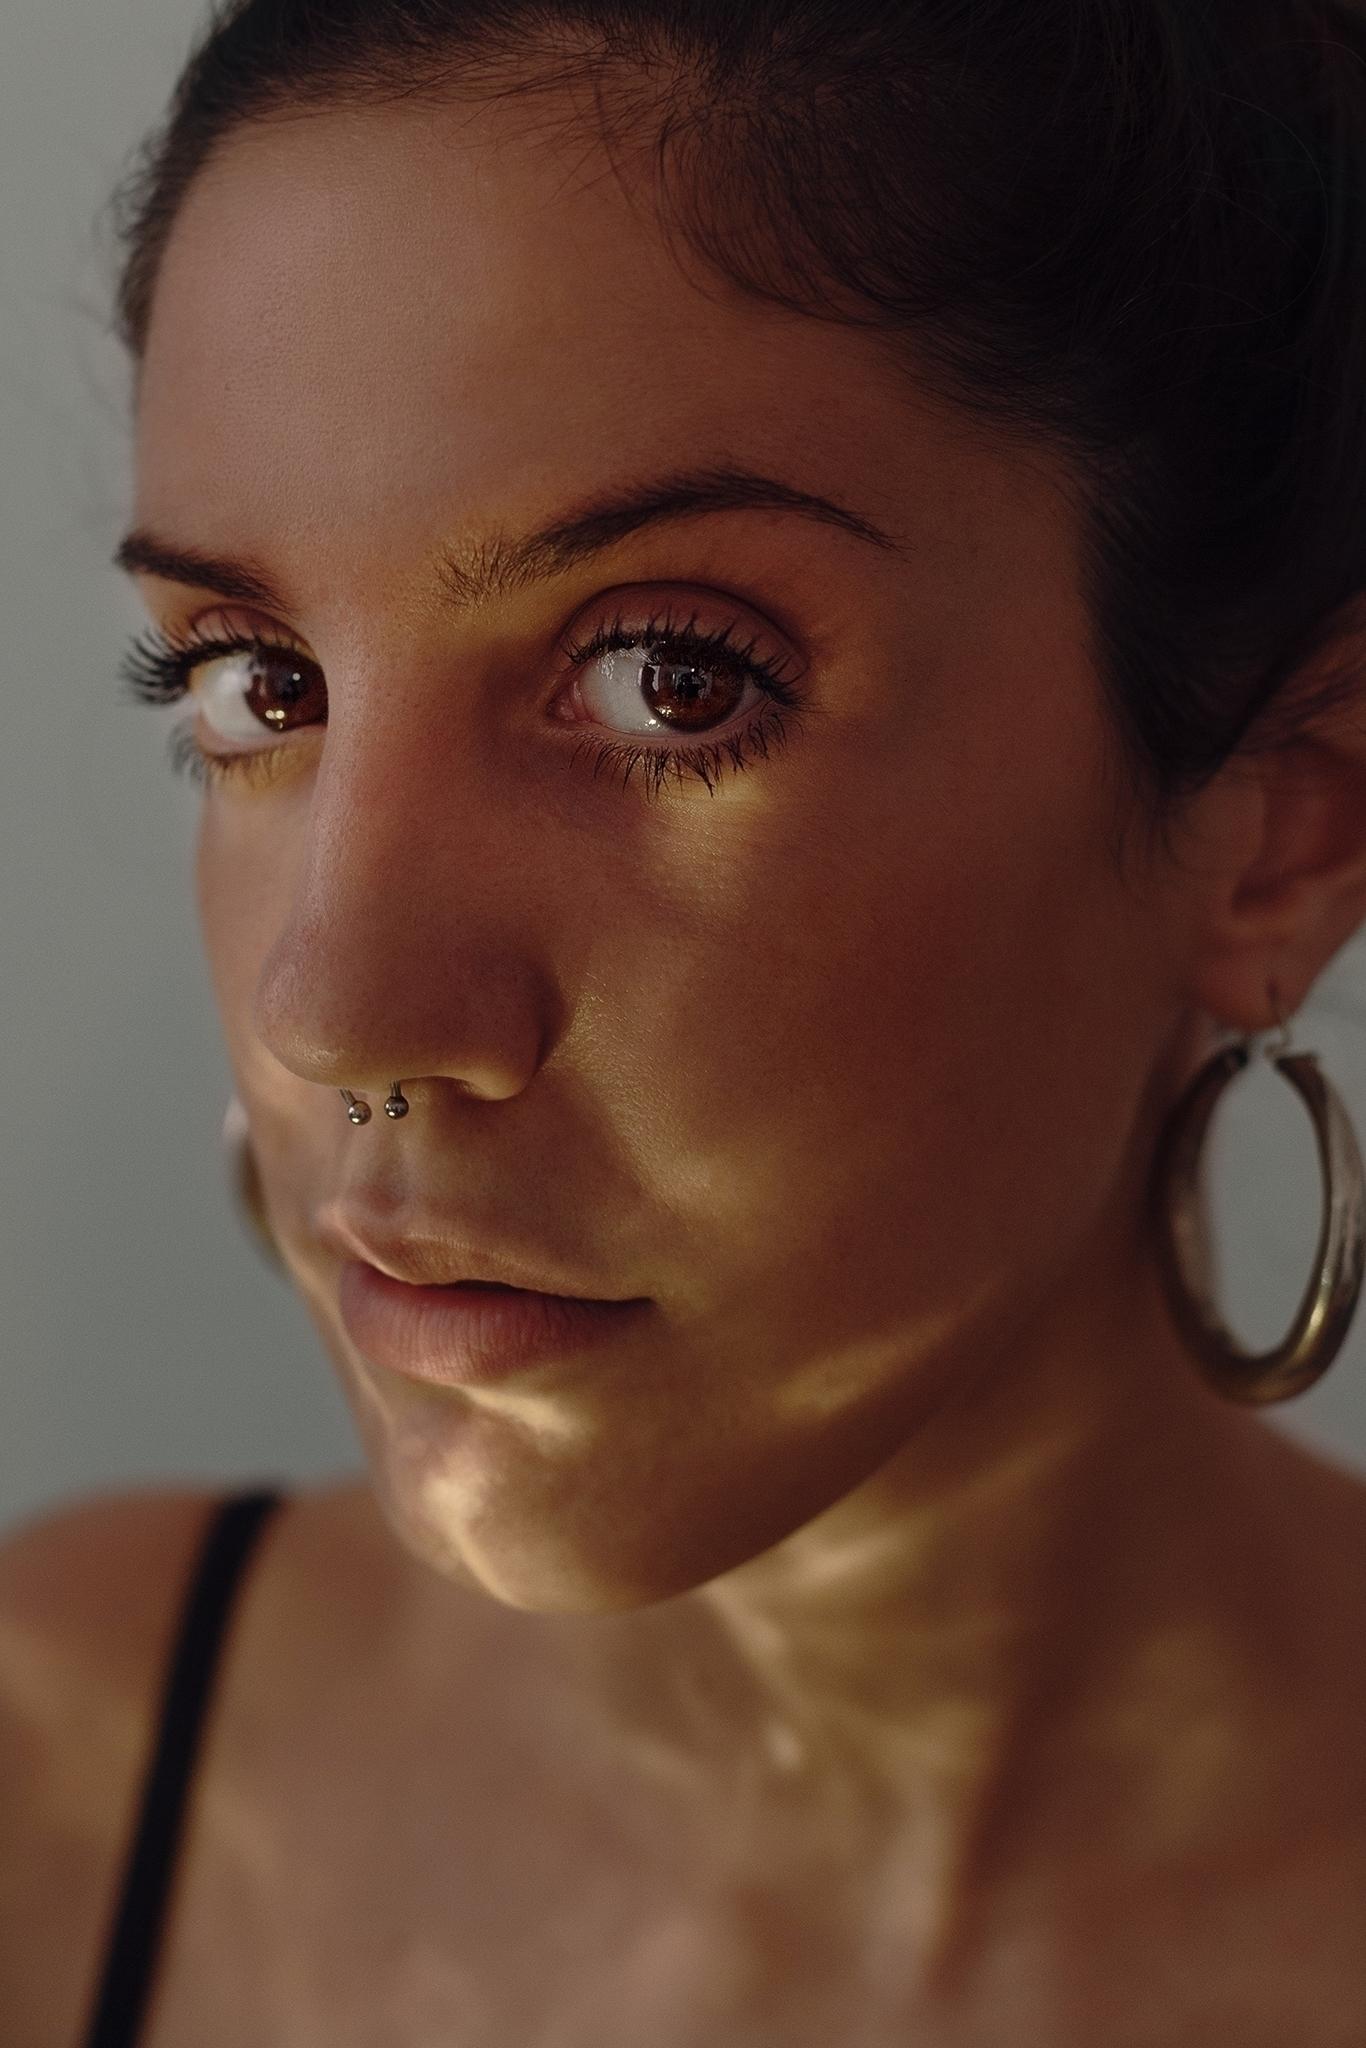 Simone Chiappinelli Matilde Ins - simonechiappinelli | ello